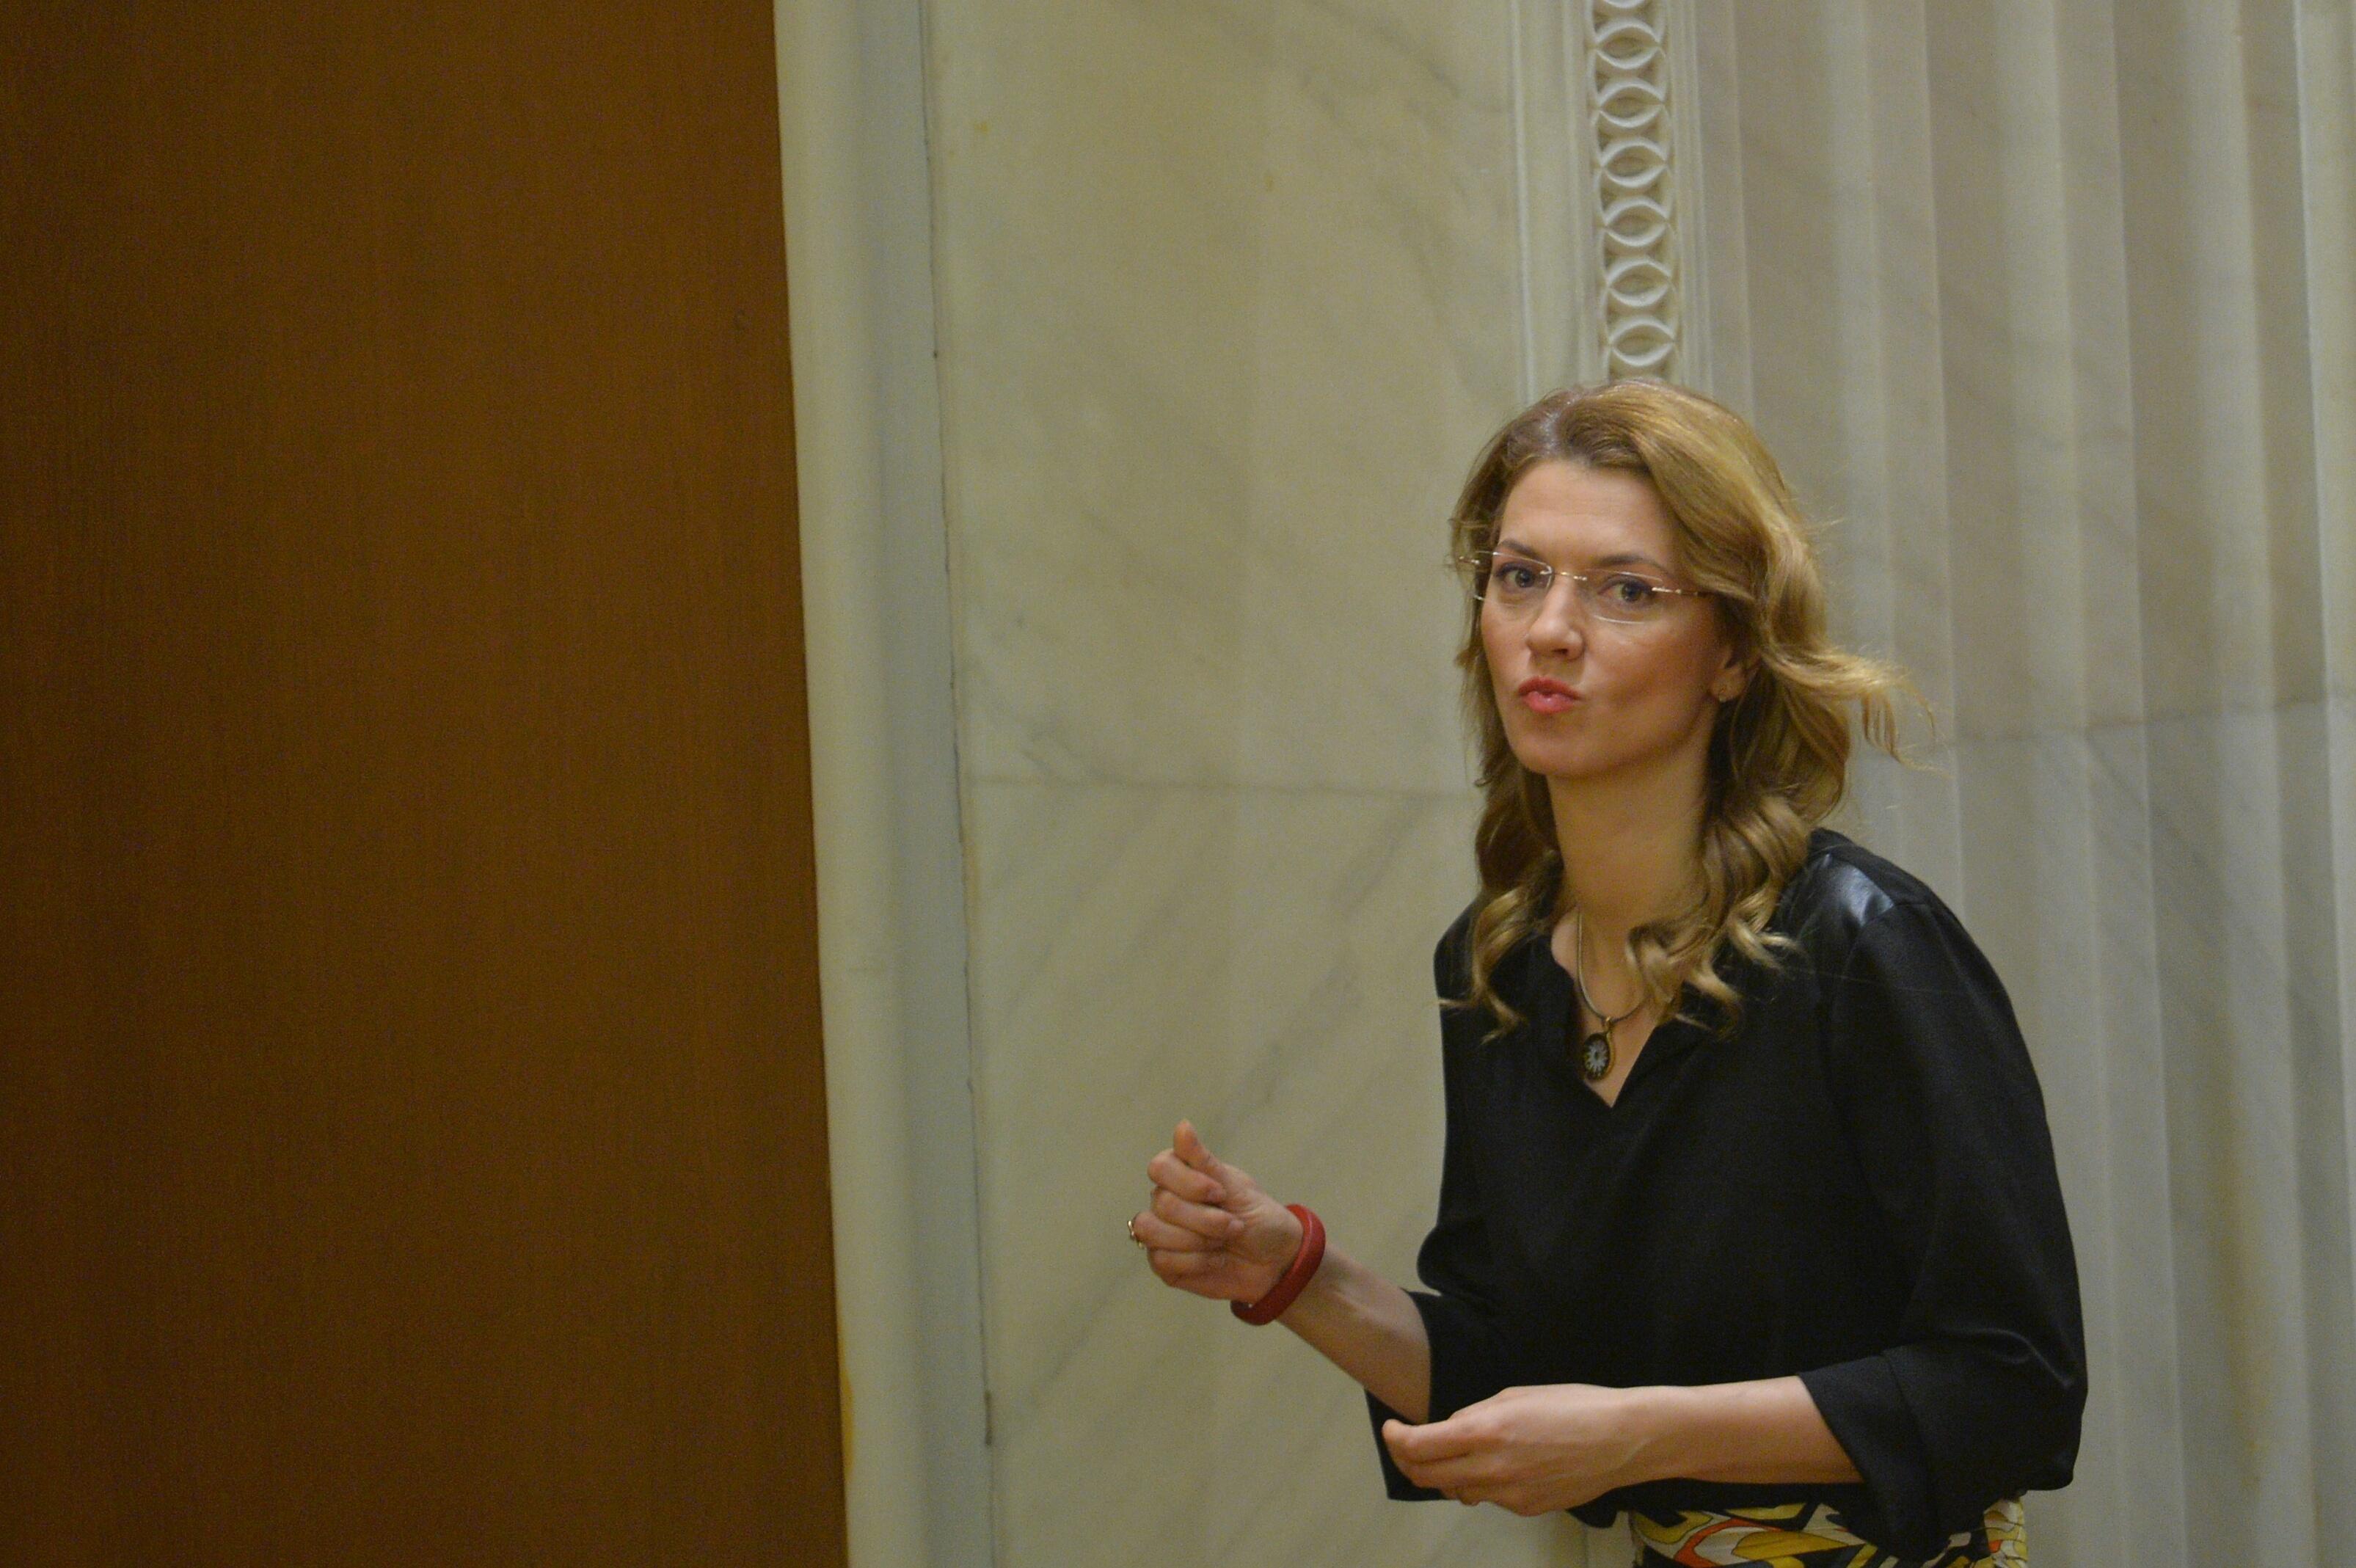 Alina Gorghiu acuza un filaj asupra ei comandat de Ponta. ,,Sa mai zica cineva ca nu avem un premier preocupat chiar si din Turcia de soarta opozitiei din Romania!